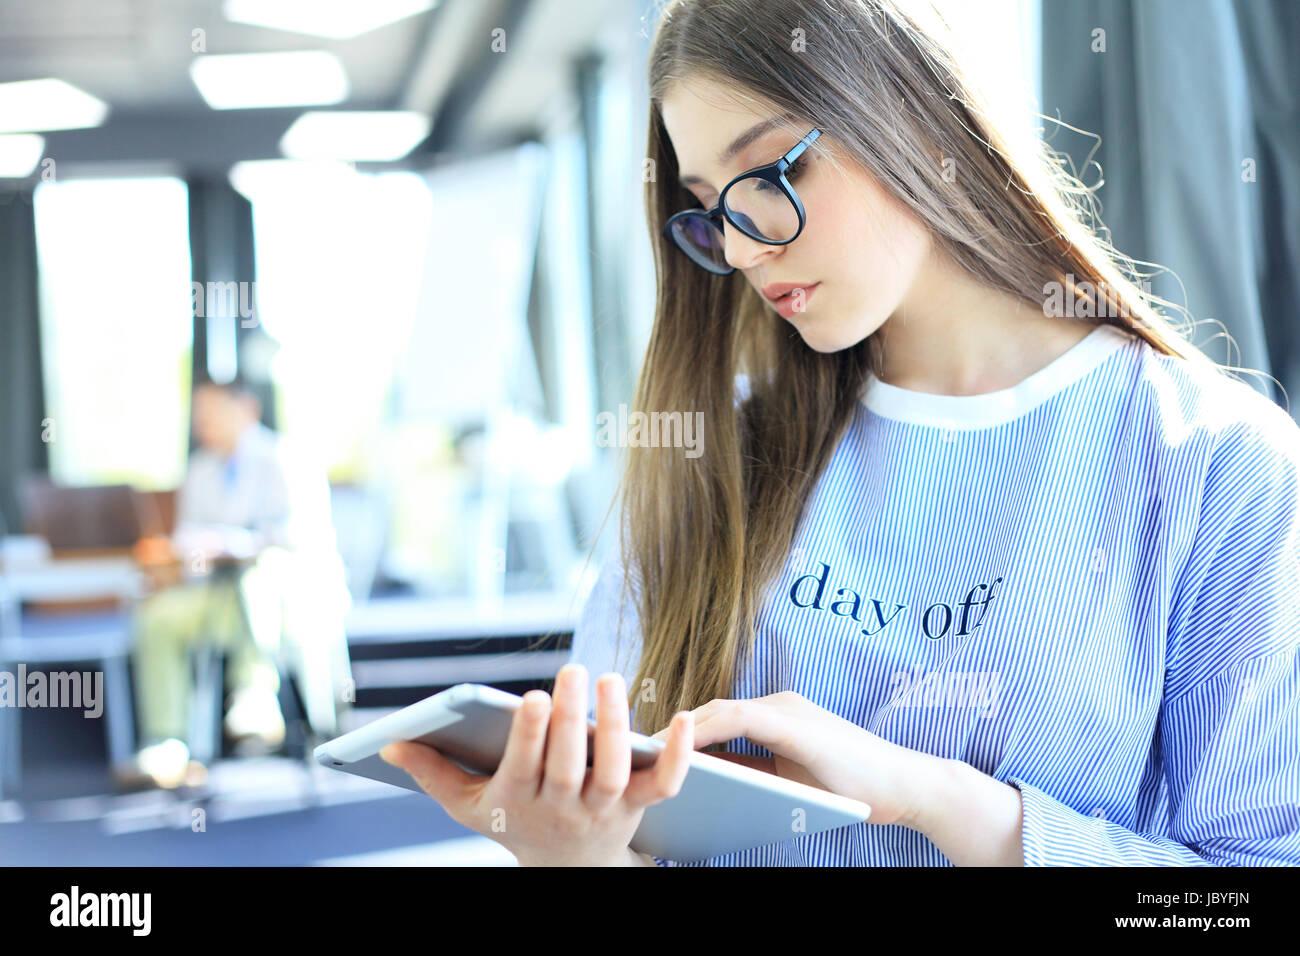 Attraktive Geschäftsfrau, die auf einem digitalen Tablet im Büro arbeiten Stockbild